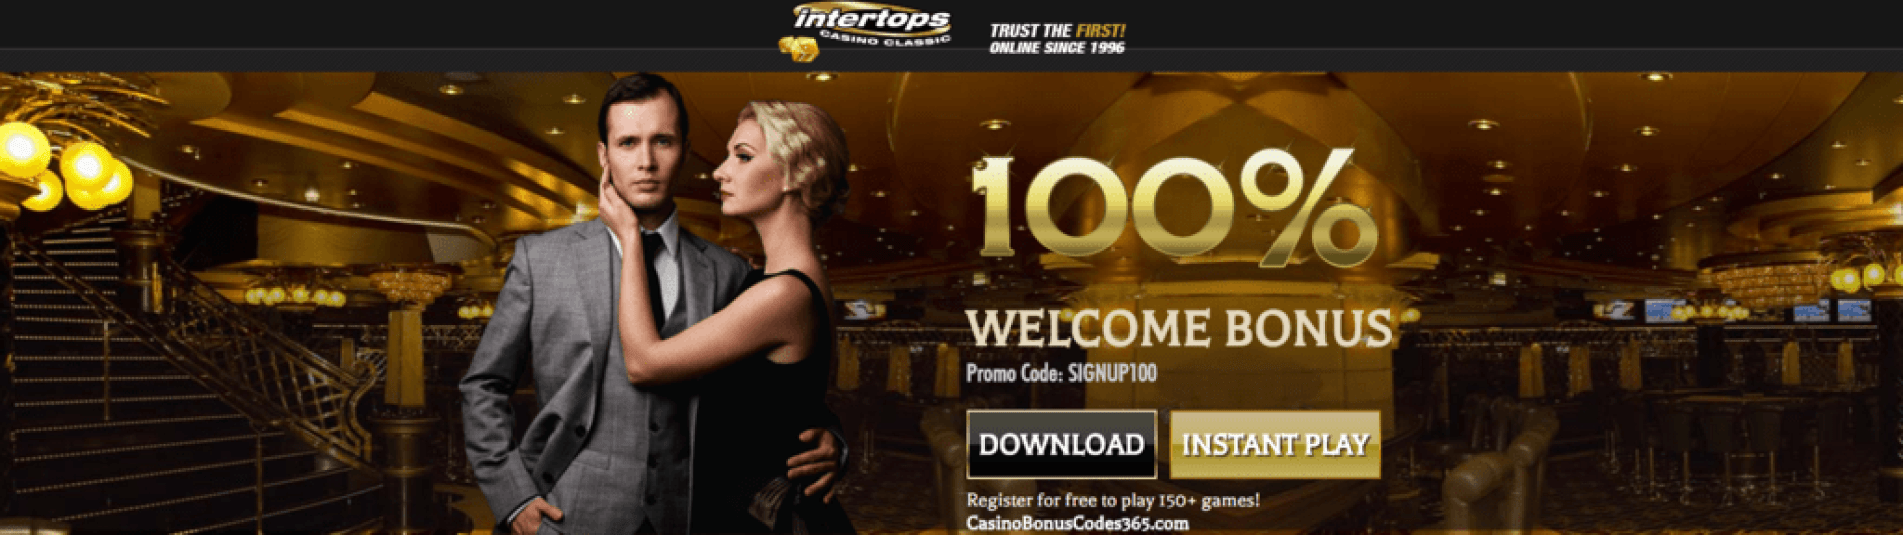 Intertops Casino Bonus Codes Intertops Casino Bonus Codes